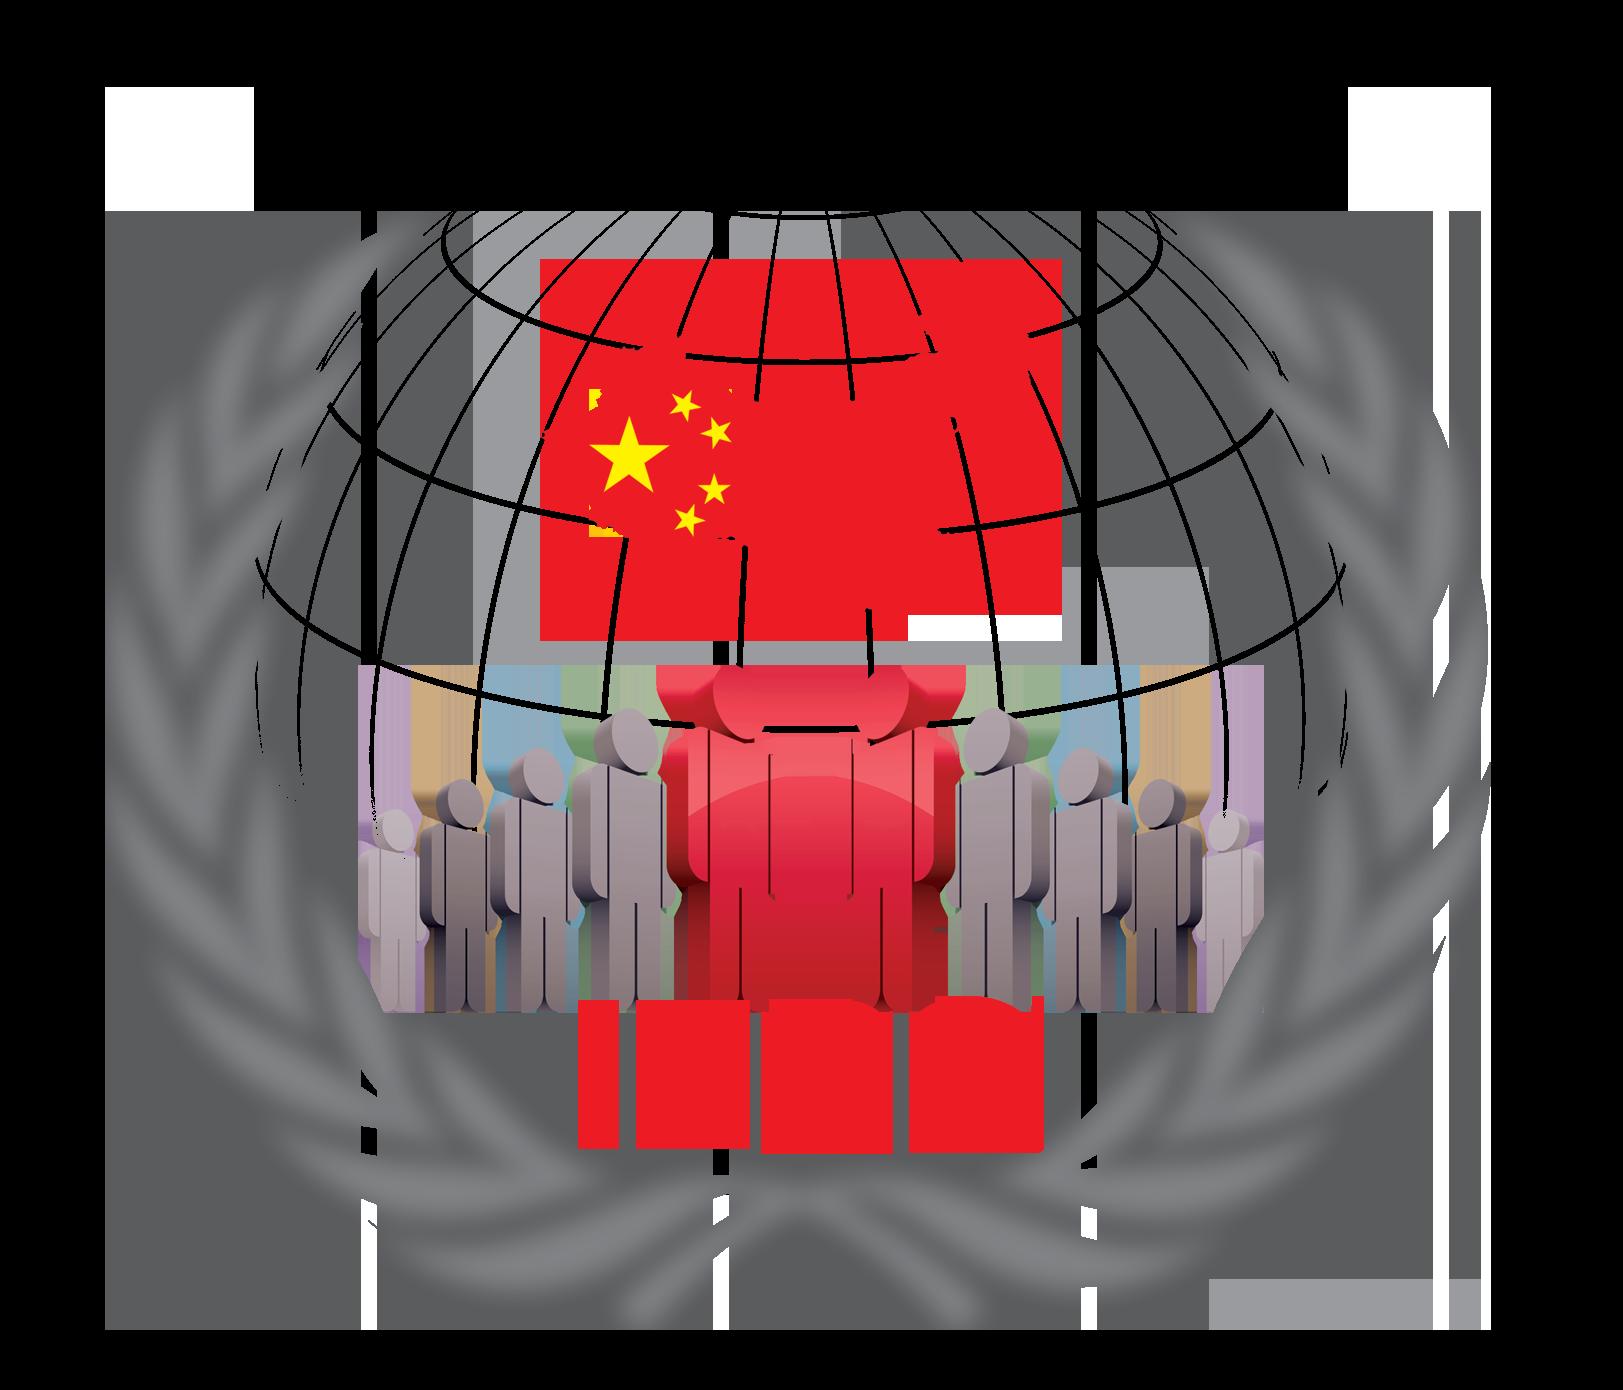 لوگو اصلی بنیاد بینالمللی مطالعات چین